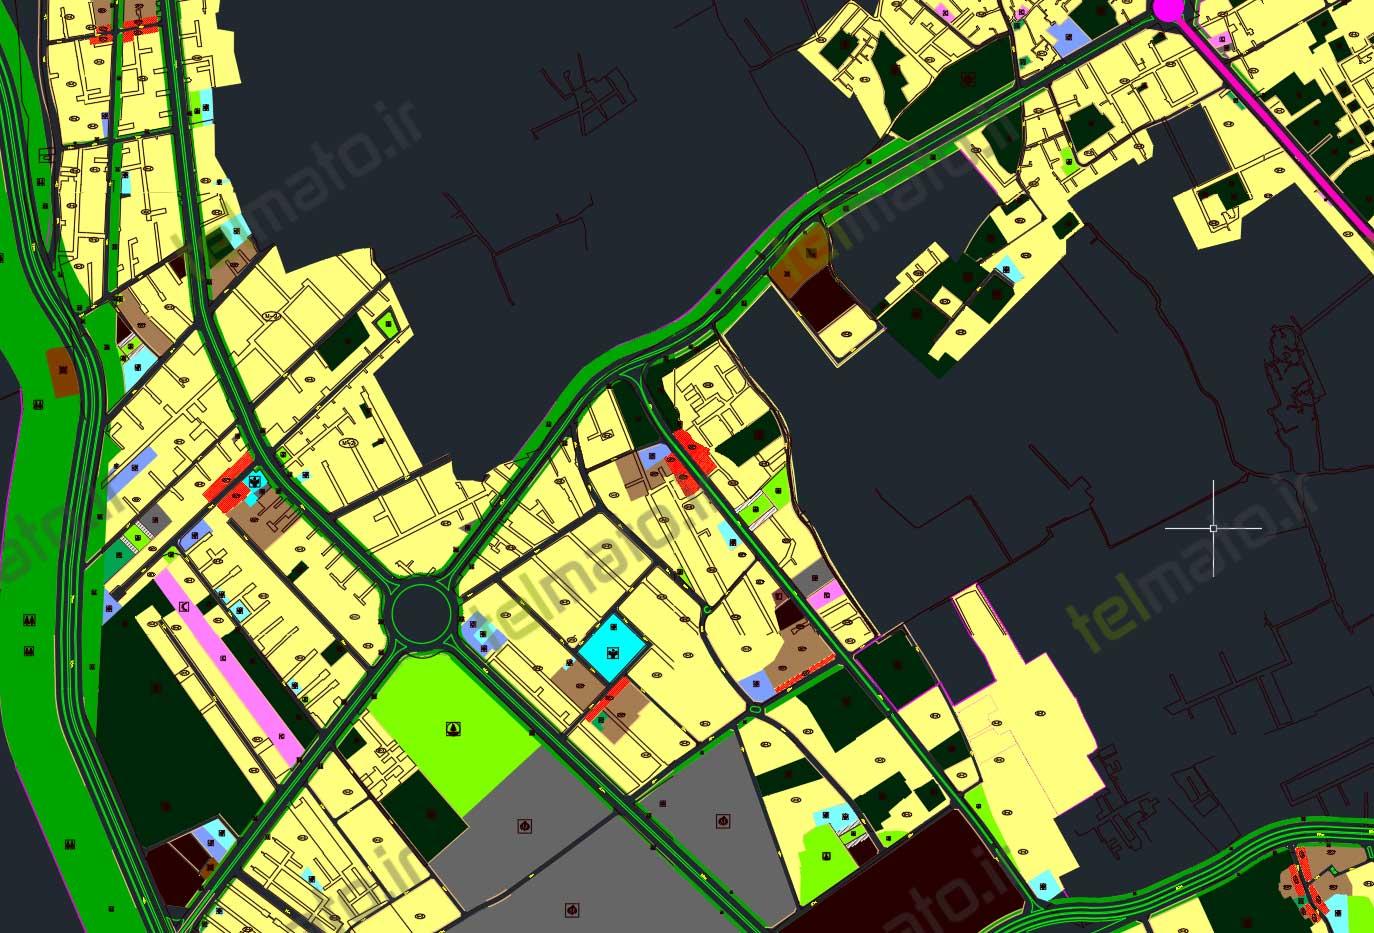 نقشه اتوکدمنطقه 10شیراز دانلود رایگان نقشهgisشیراز اتوکدشهرشیراز دانلود نقشه اتوکدطرح تفصیلیشیراز طرح تفصیلیشیرازdwg نقشه اتوکدجامع شهرشیراز نقشهبلوک بندیشیراز نقشهتوپوگرافیشیرازdwg